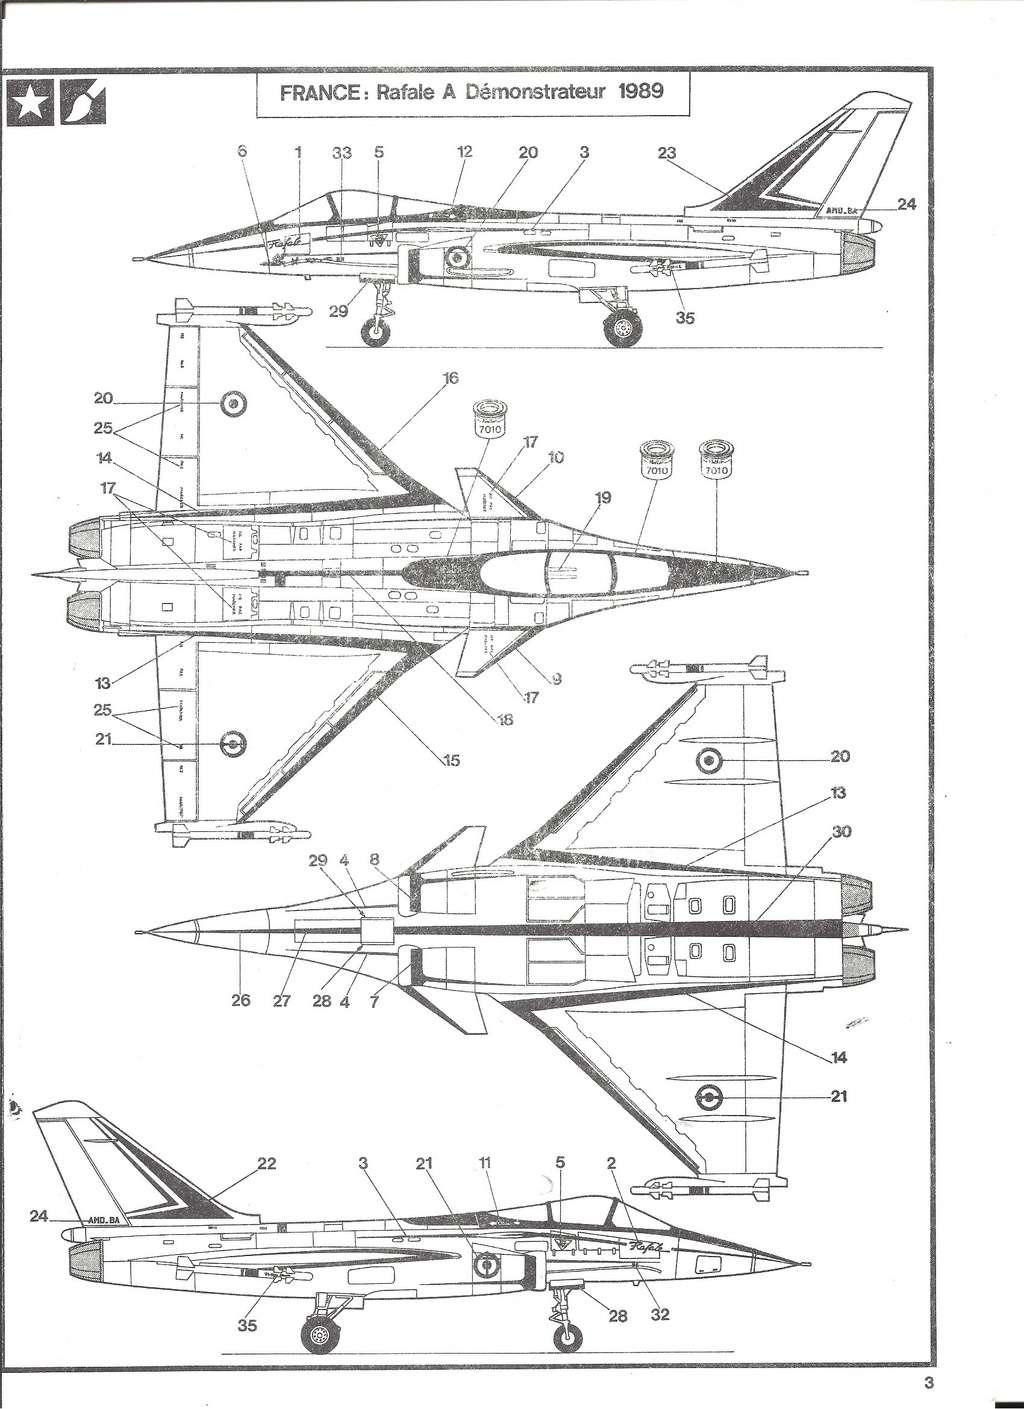 DASSAULT BA RAFALE 1/48ème Ref 80421-Notice Helle522